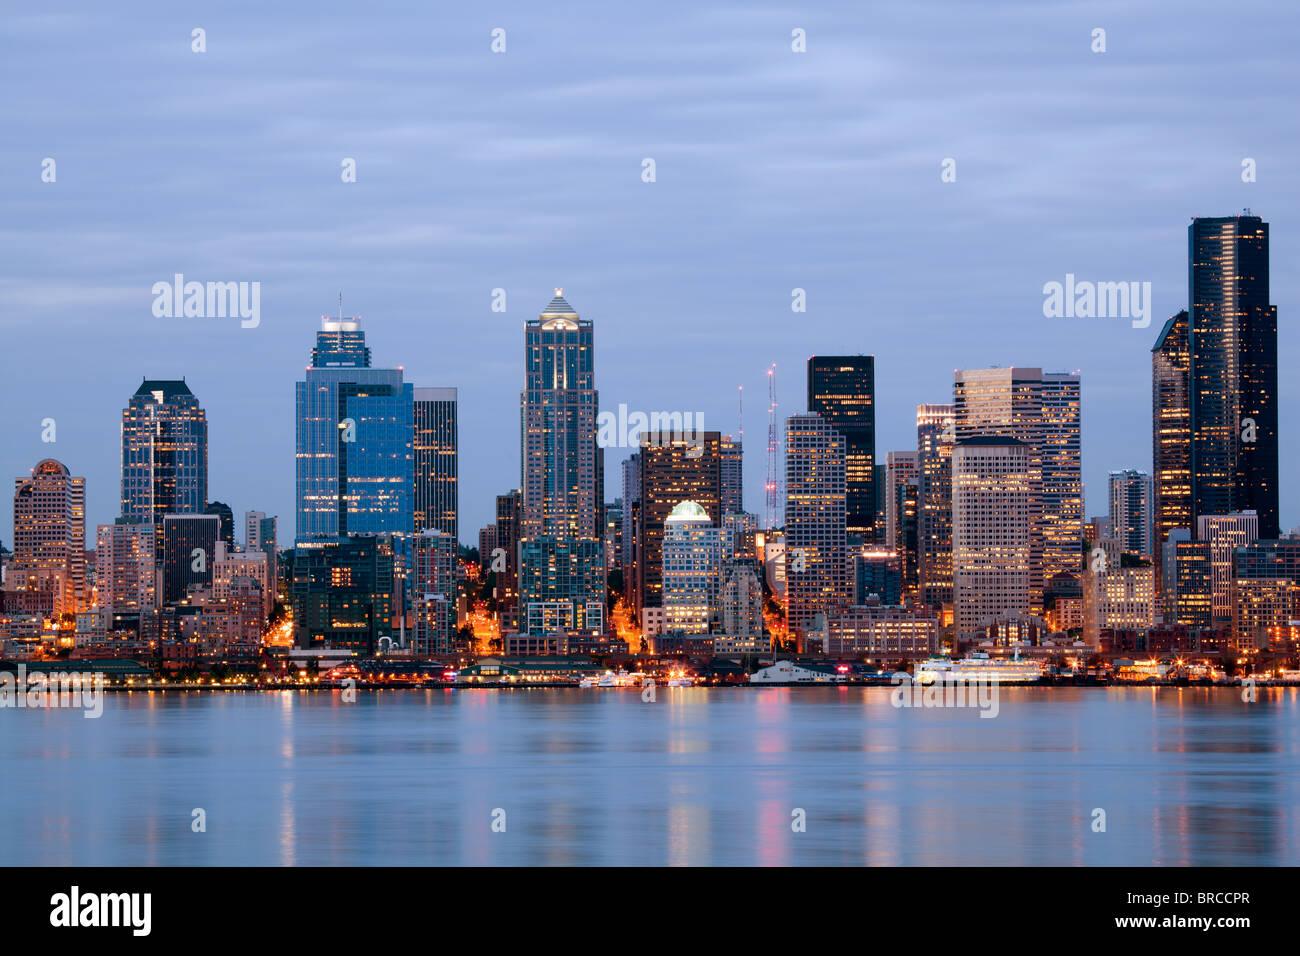 Seattle skyline - Washington USA. Bâtiments le long bord de l'eau au crépuscule. Photo Stock